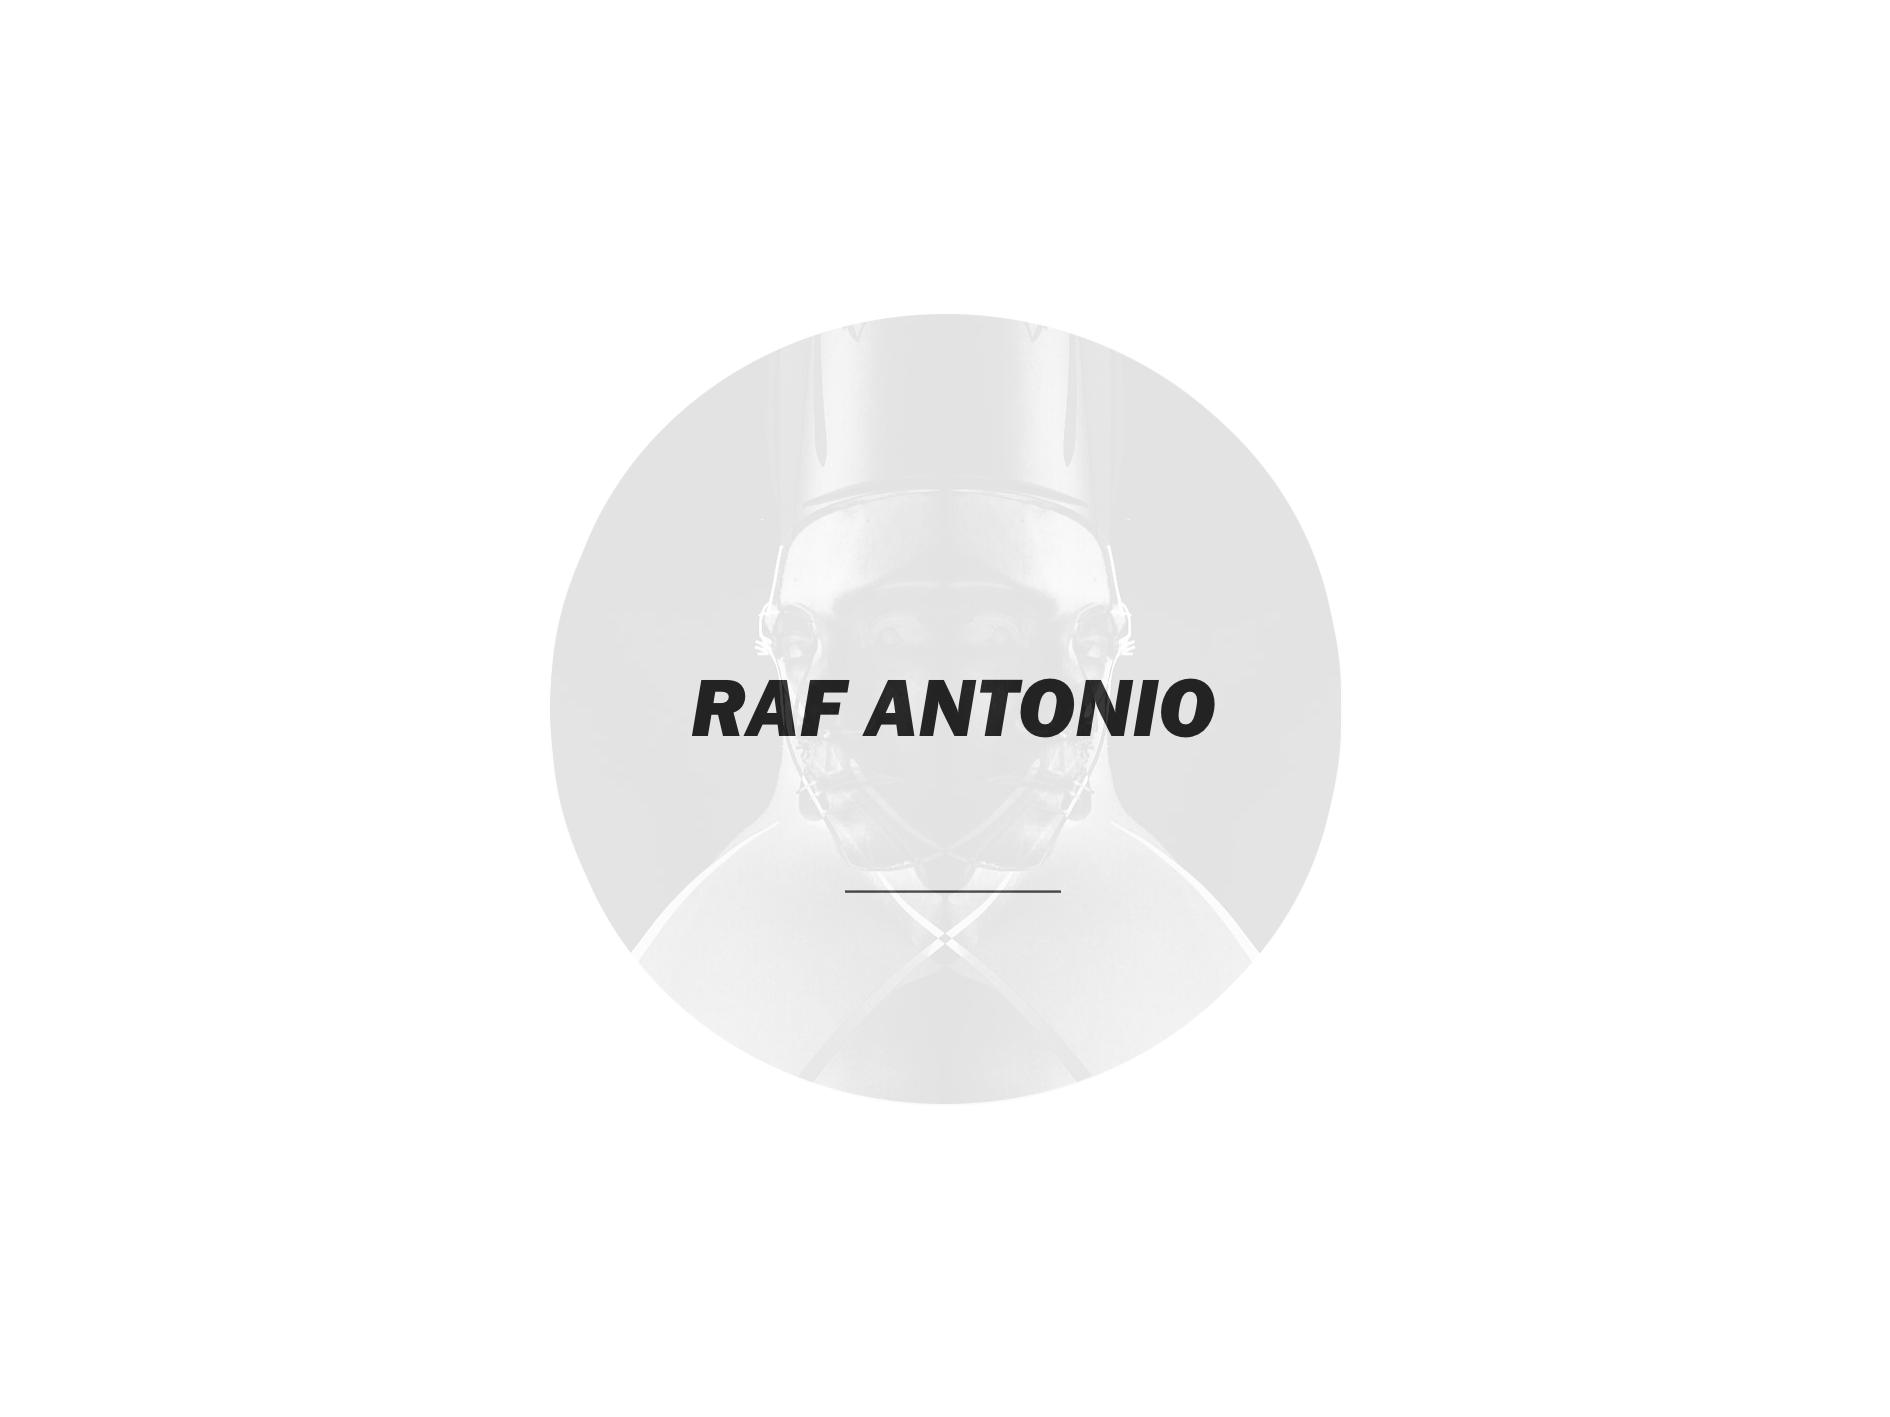 RafAntonio.jpg